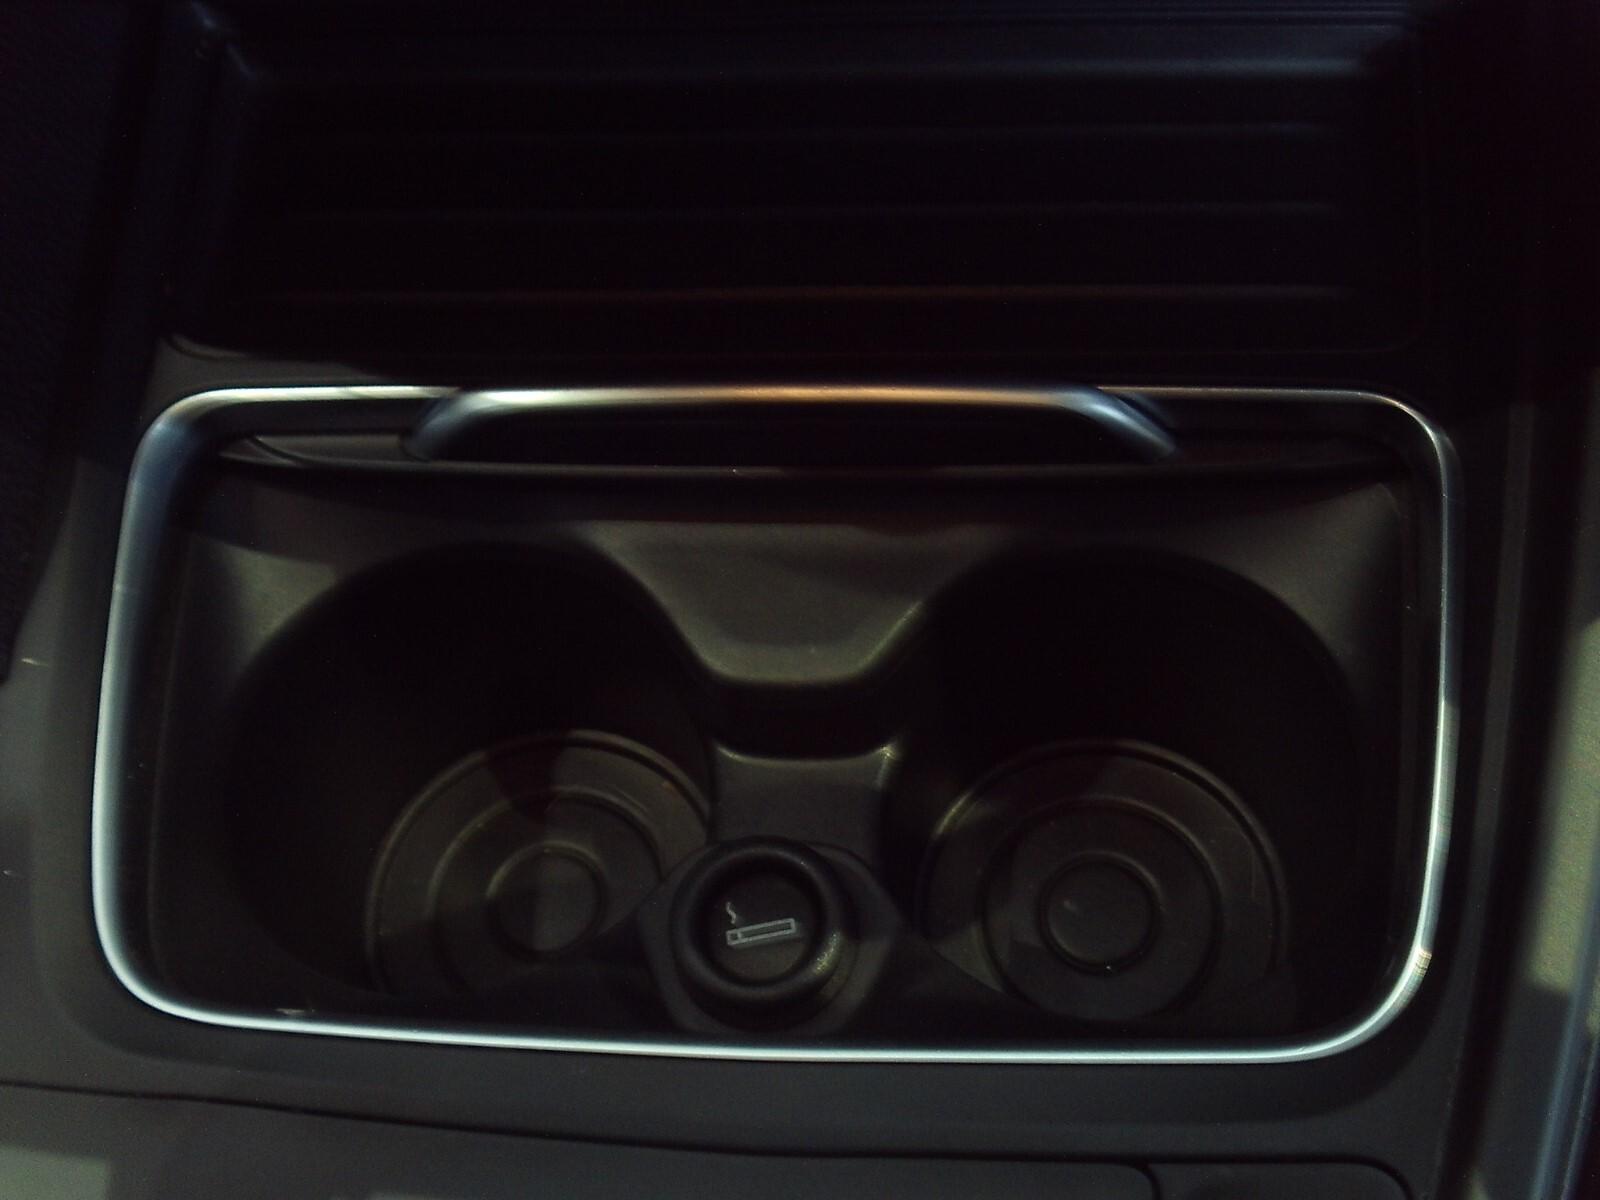 BMW 318i M SPORT A/T (F30) Roodepoort 14335162